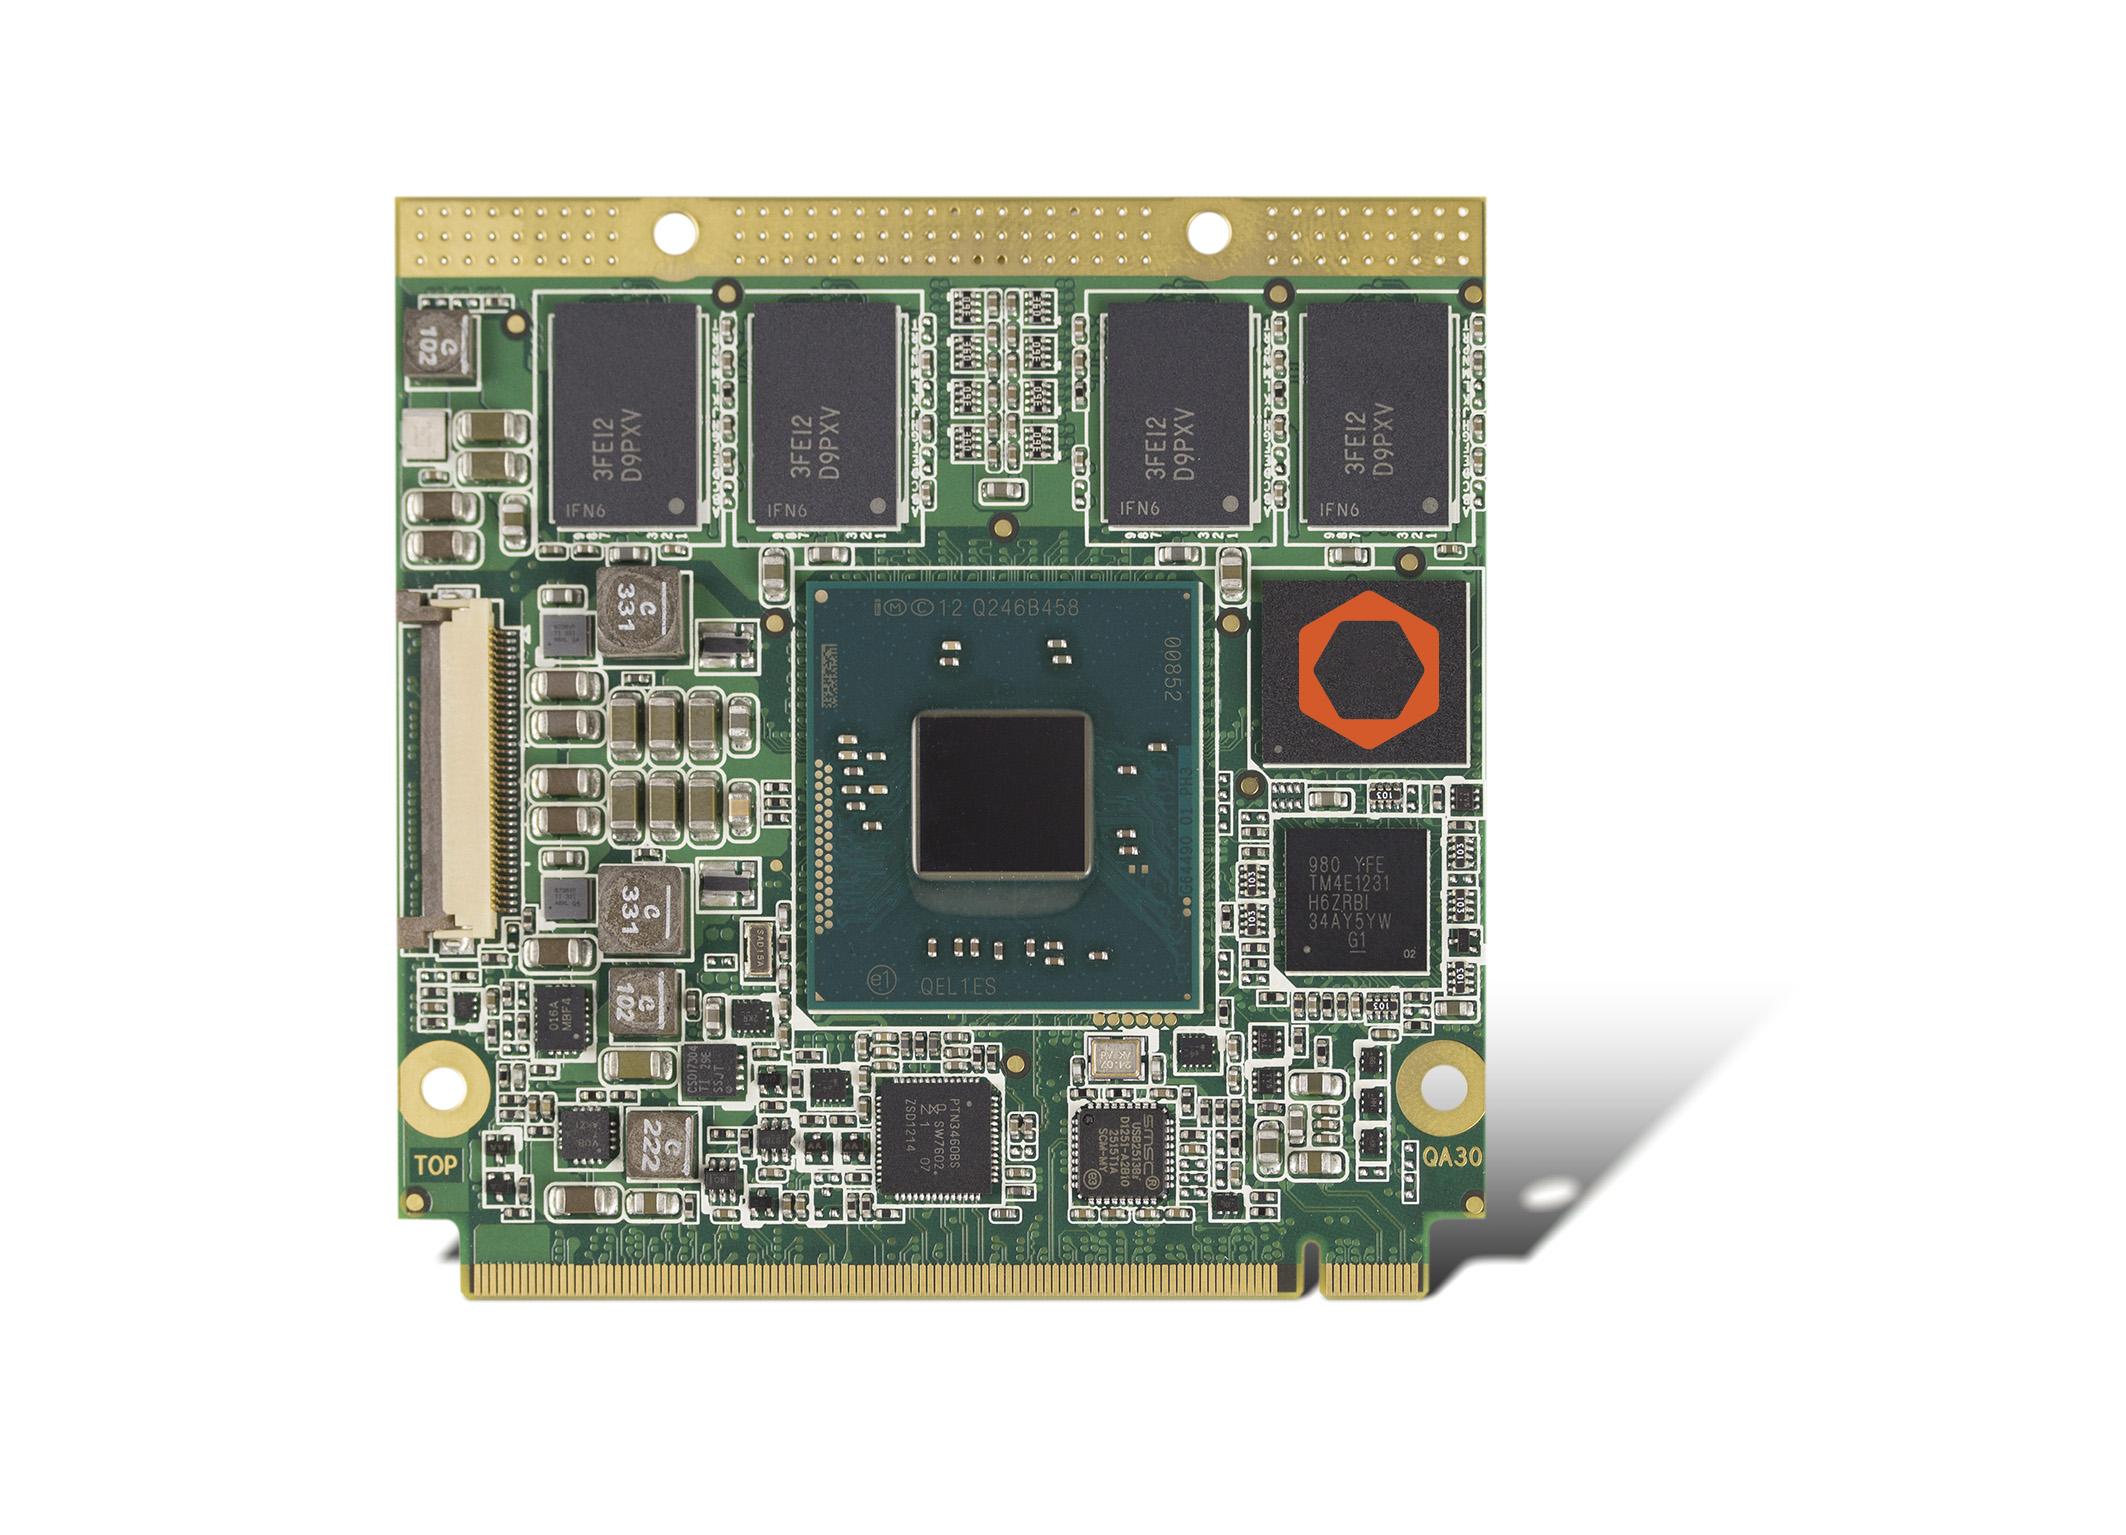 康佳特 Qseven英特尔® 凌动™ 计算机模块